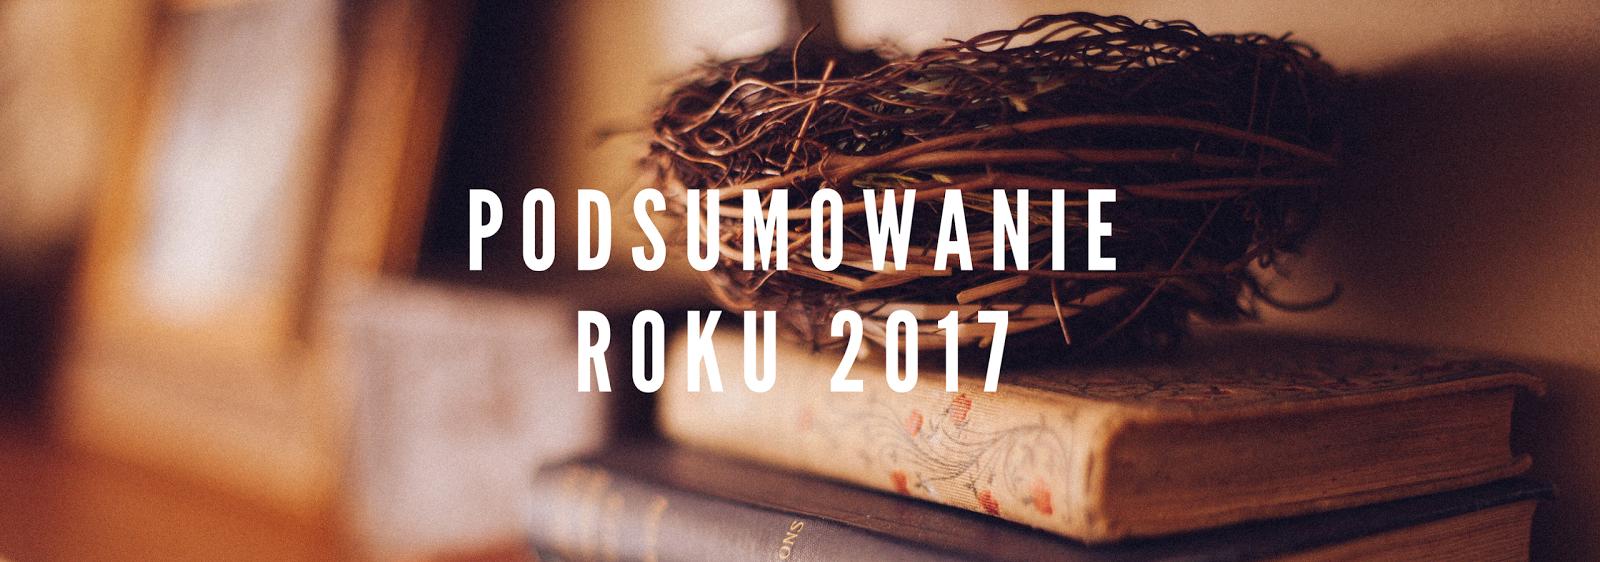 Książkowe podsumowanie roku 2017